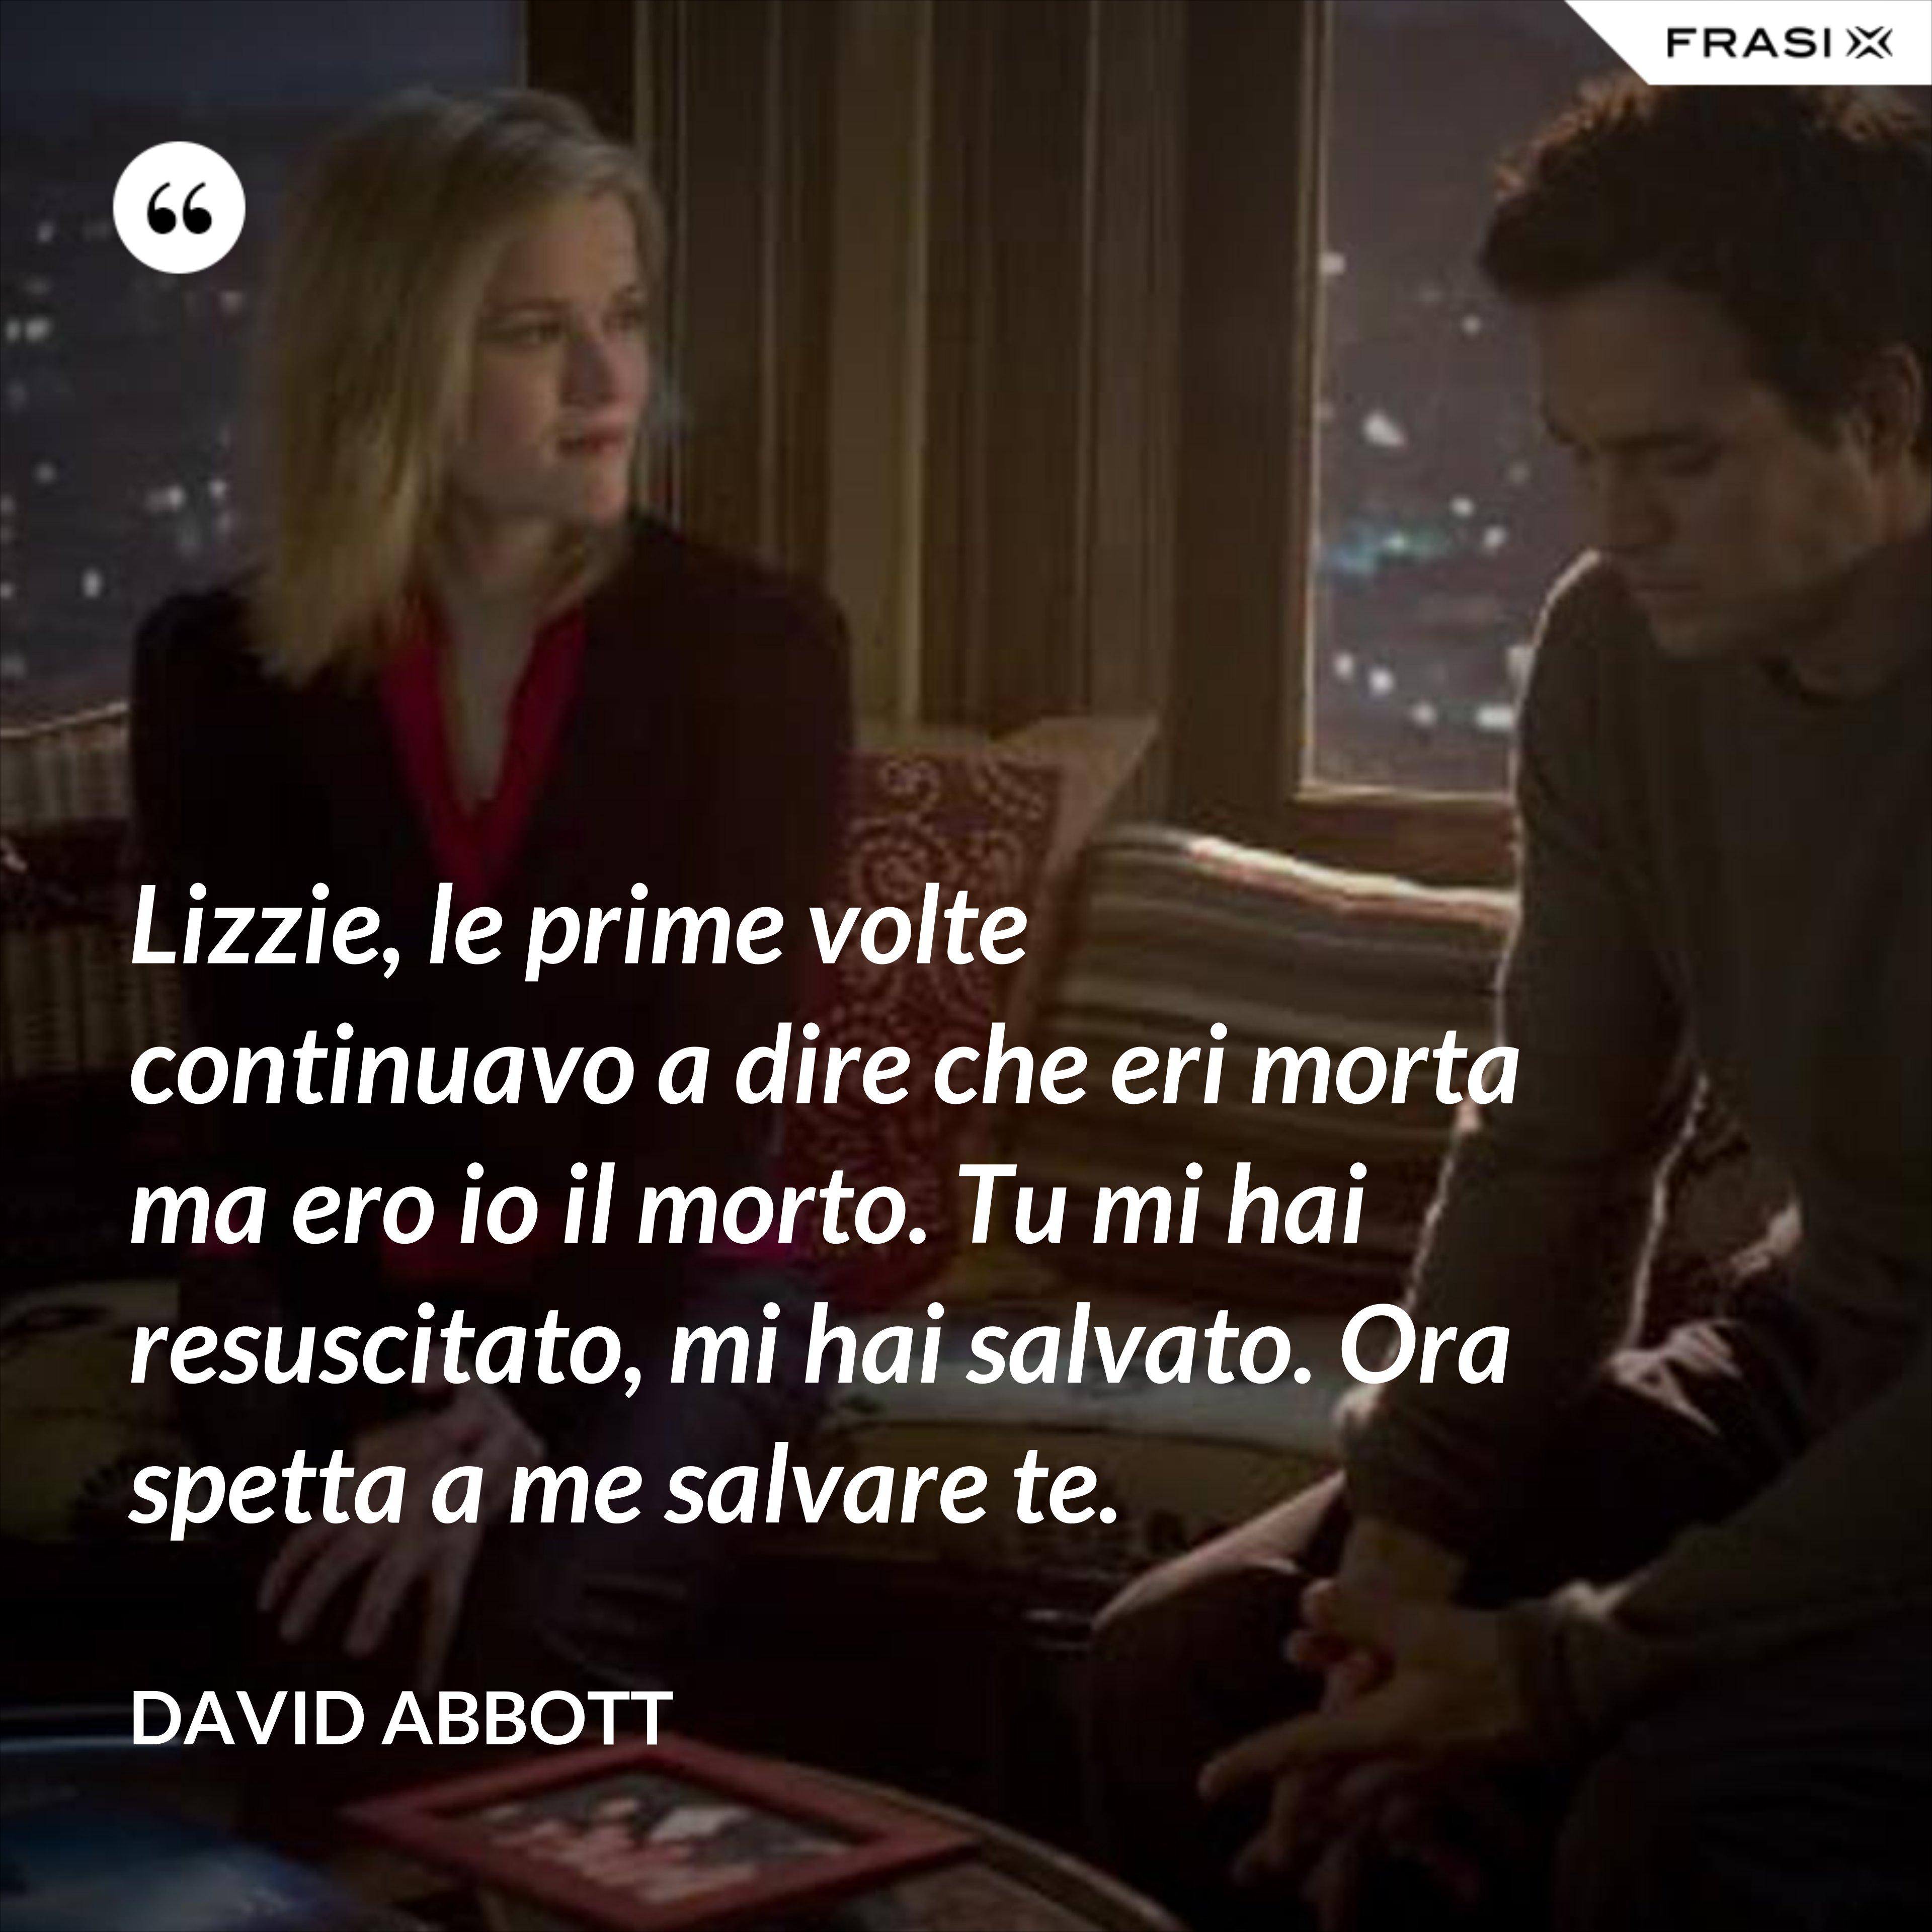 Lizzie, le prime volte continuavo a dire che eri morta ma ero io il morto. Tu mi hai resuscitato, mi hai salvato. Ora spetta a me salvare te. - David Abbott